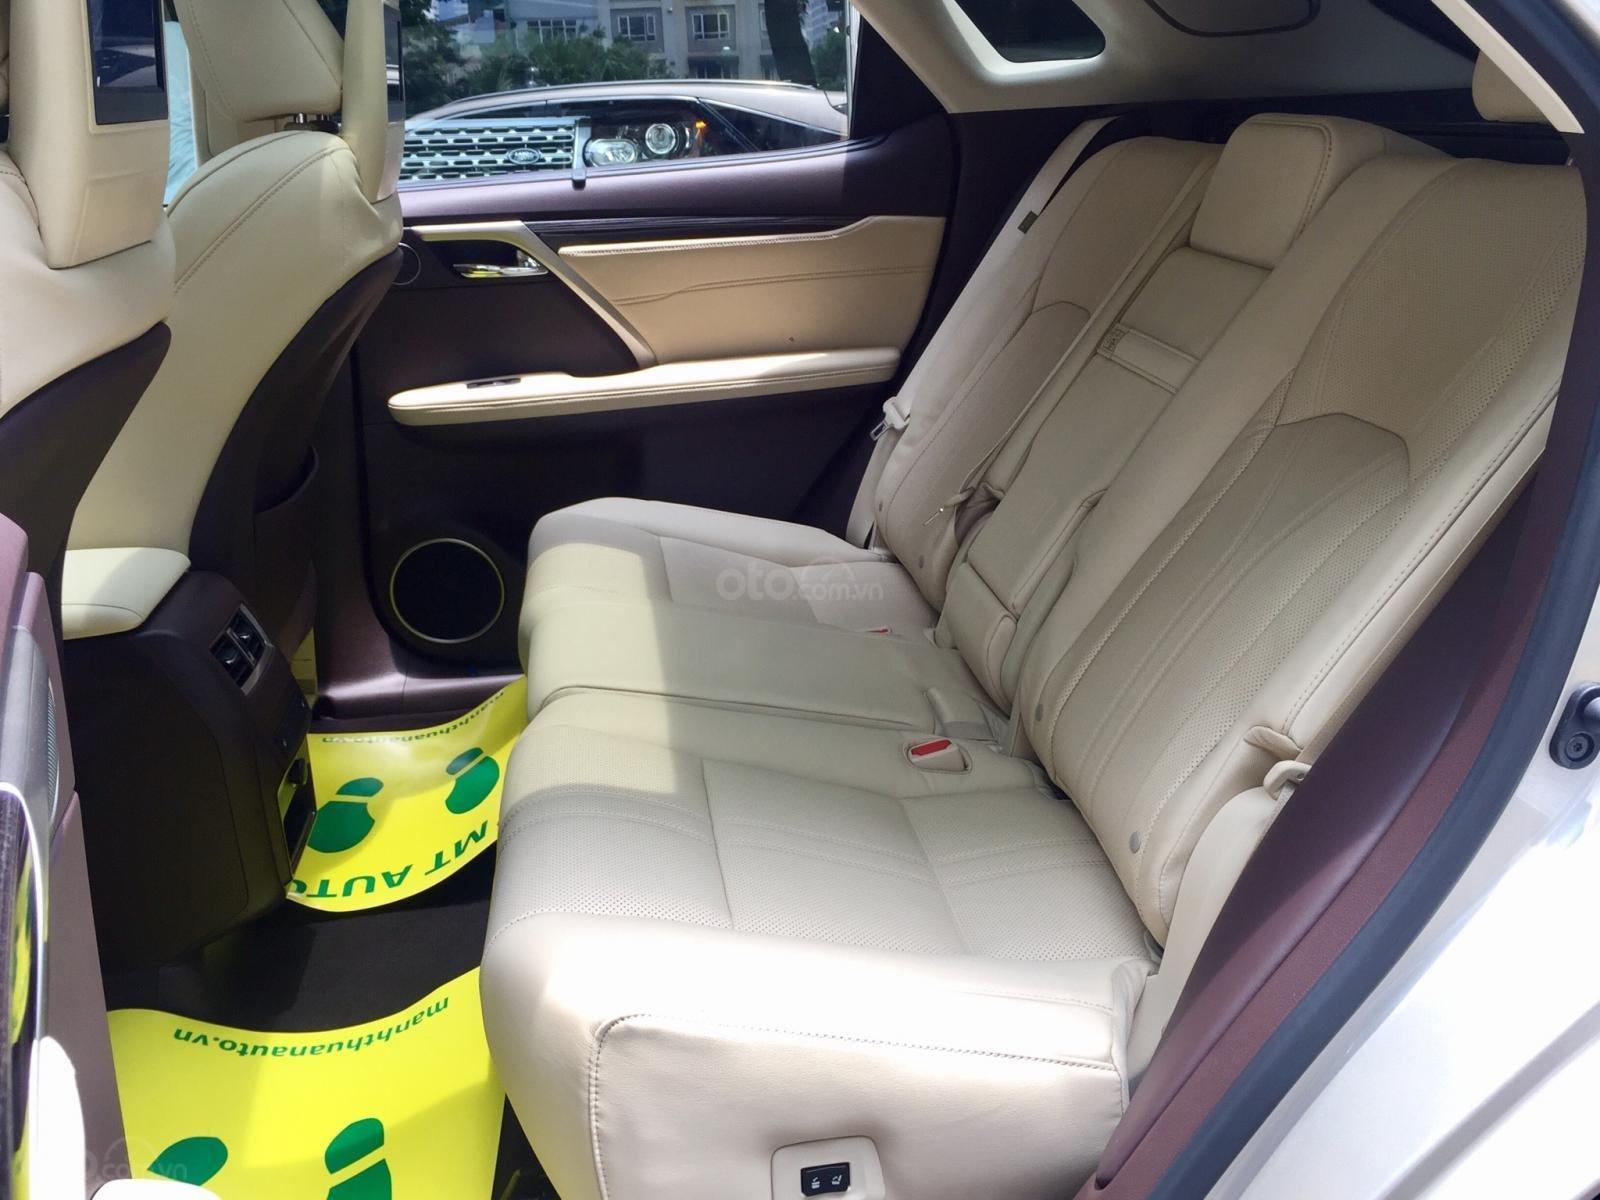 Cần bán xe Lexus RX350 2018 Luxury 05 chỗ mới, nhập Mỹ, full option. Lh 093.798.2266-12